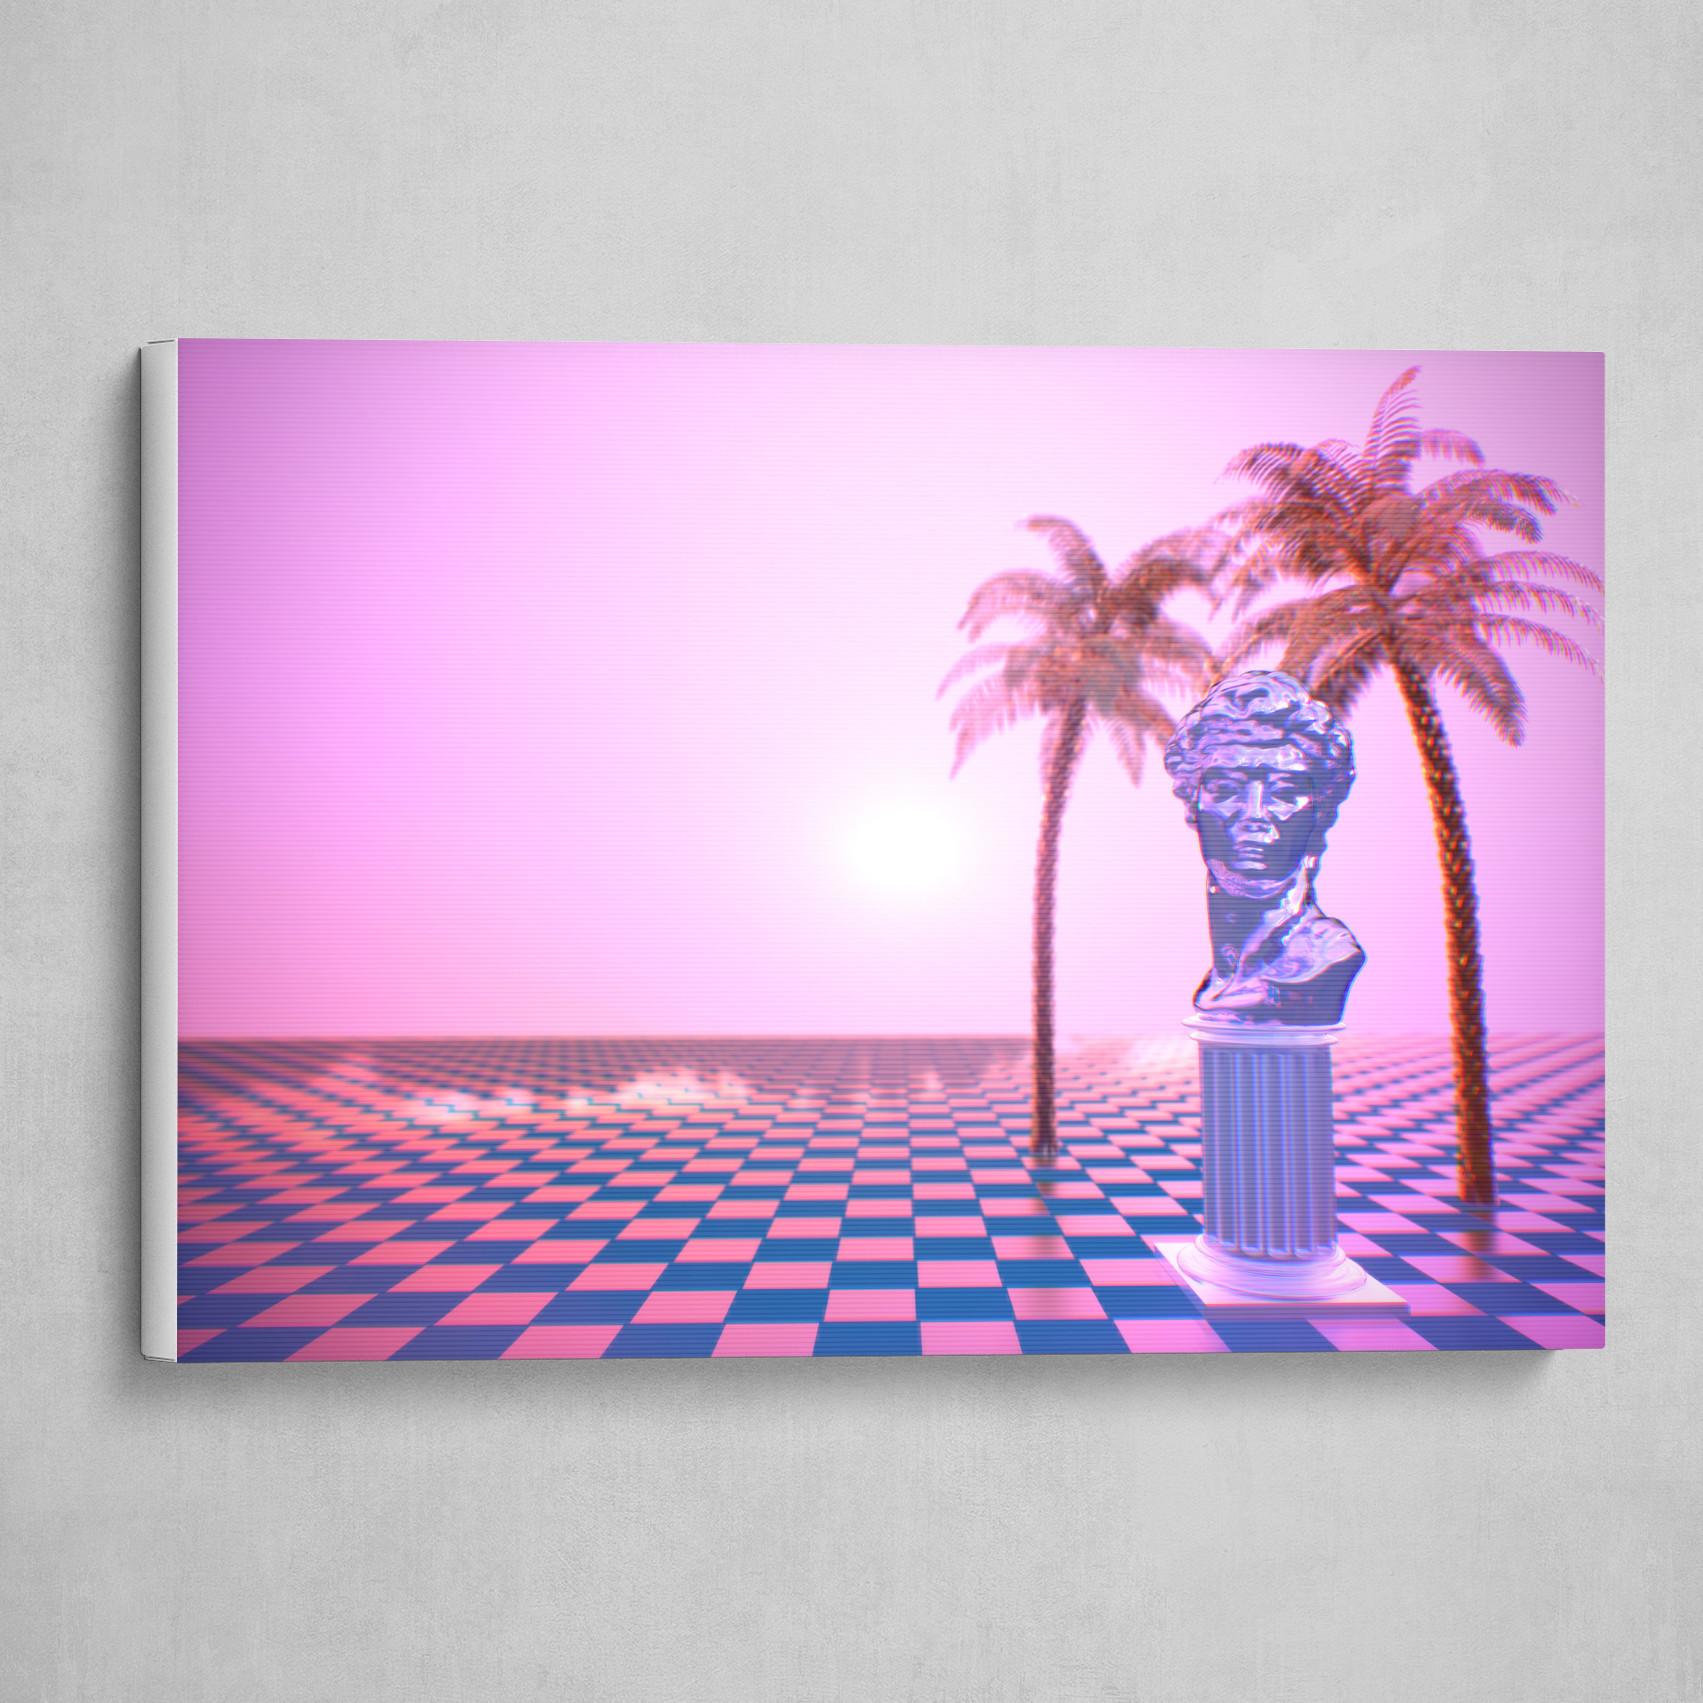 Vaporwave Scene - Landscape